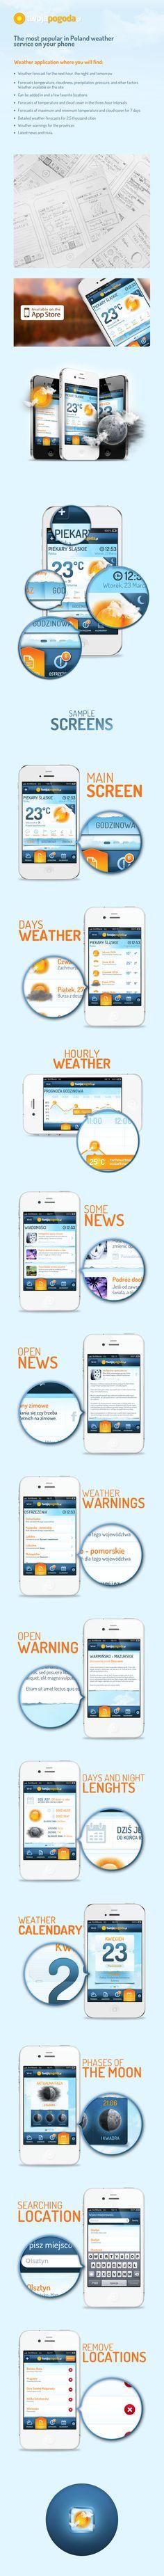 Weather App (TwojaPogoda) by Lukasz Sokol, via Behance